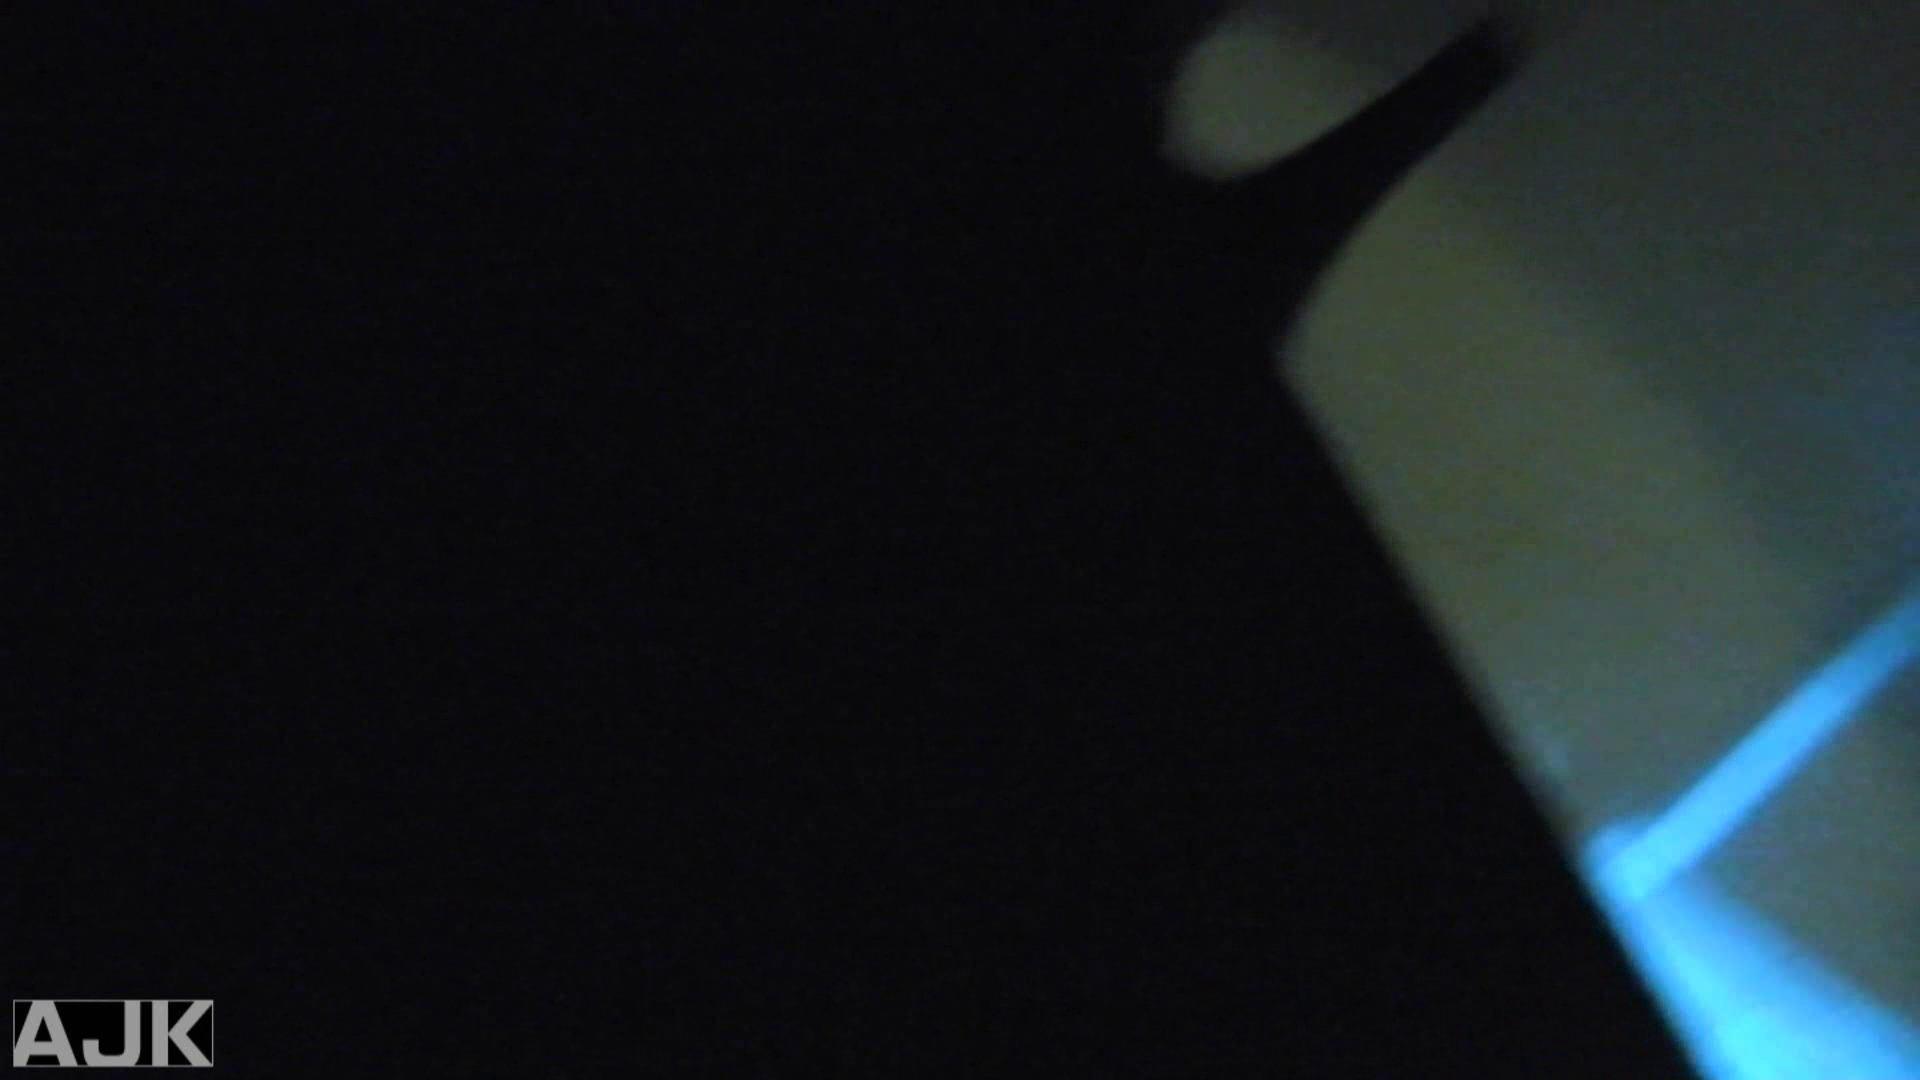 神降臨!史上最強の潜入かわや! vol.21 オマンコ のぞきおめこ無修正画像 61連発 13